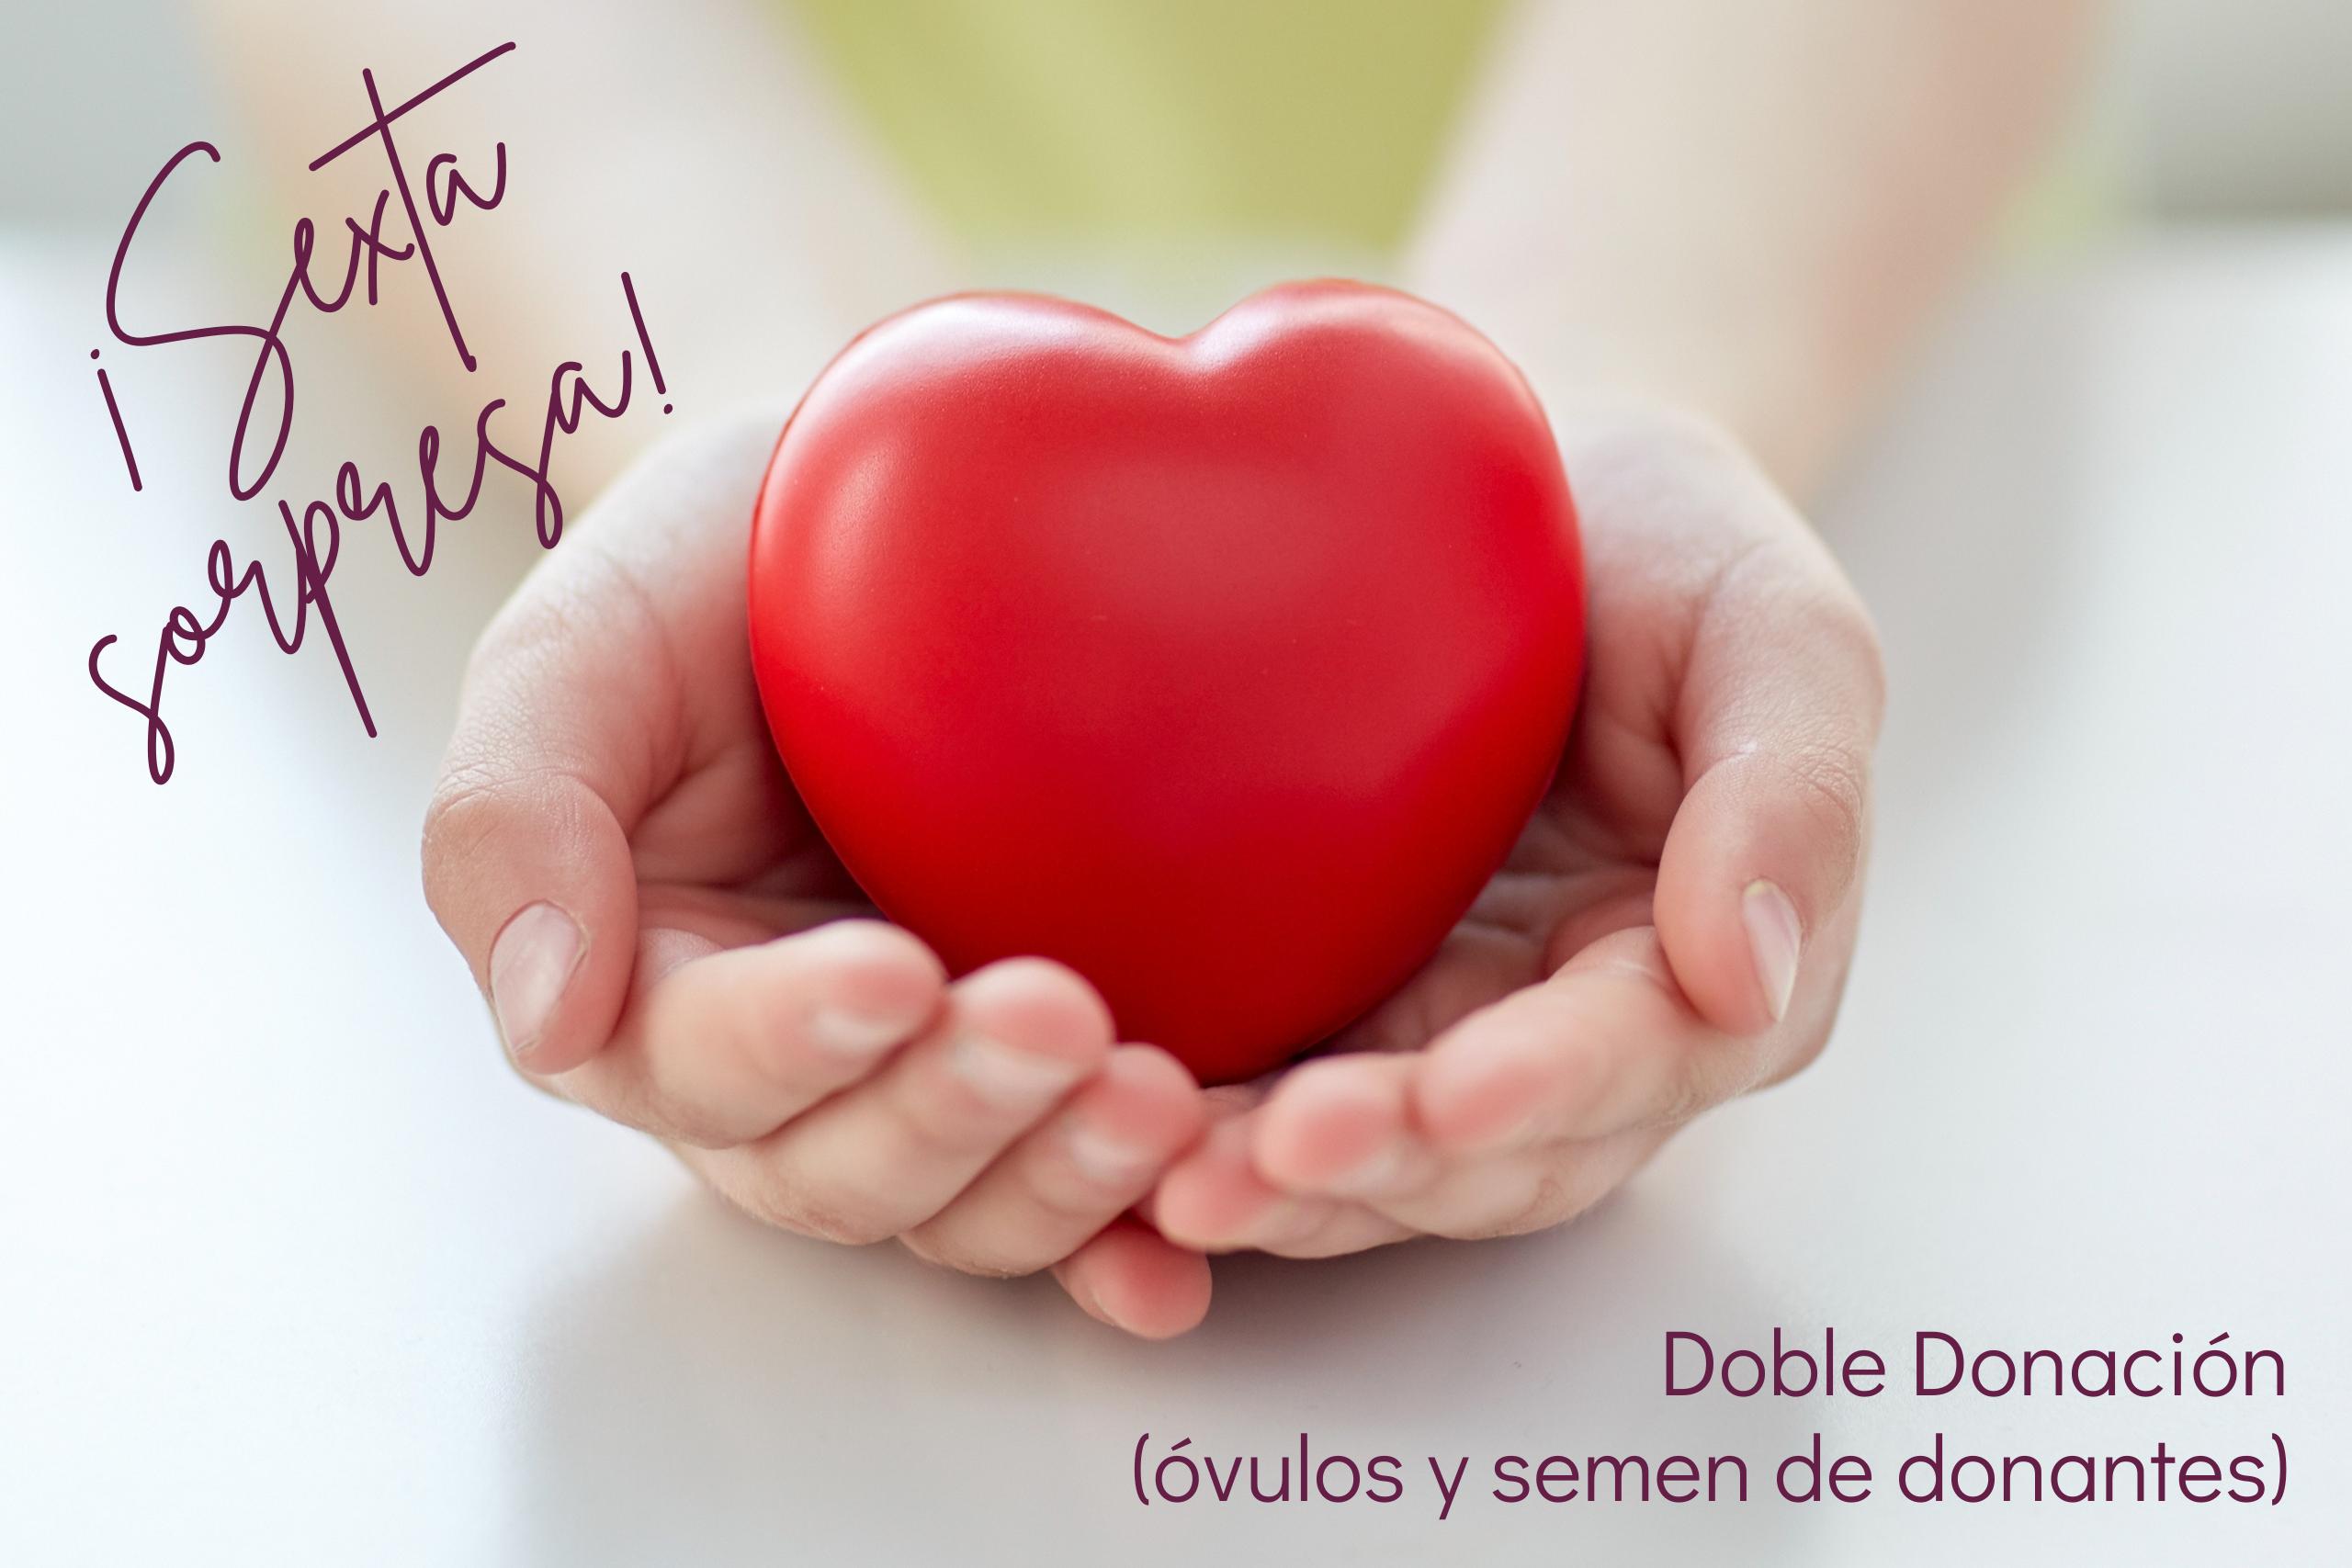 Doble Donación (óvulos y semen de donantes)